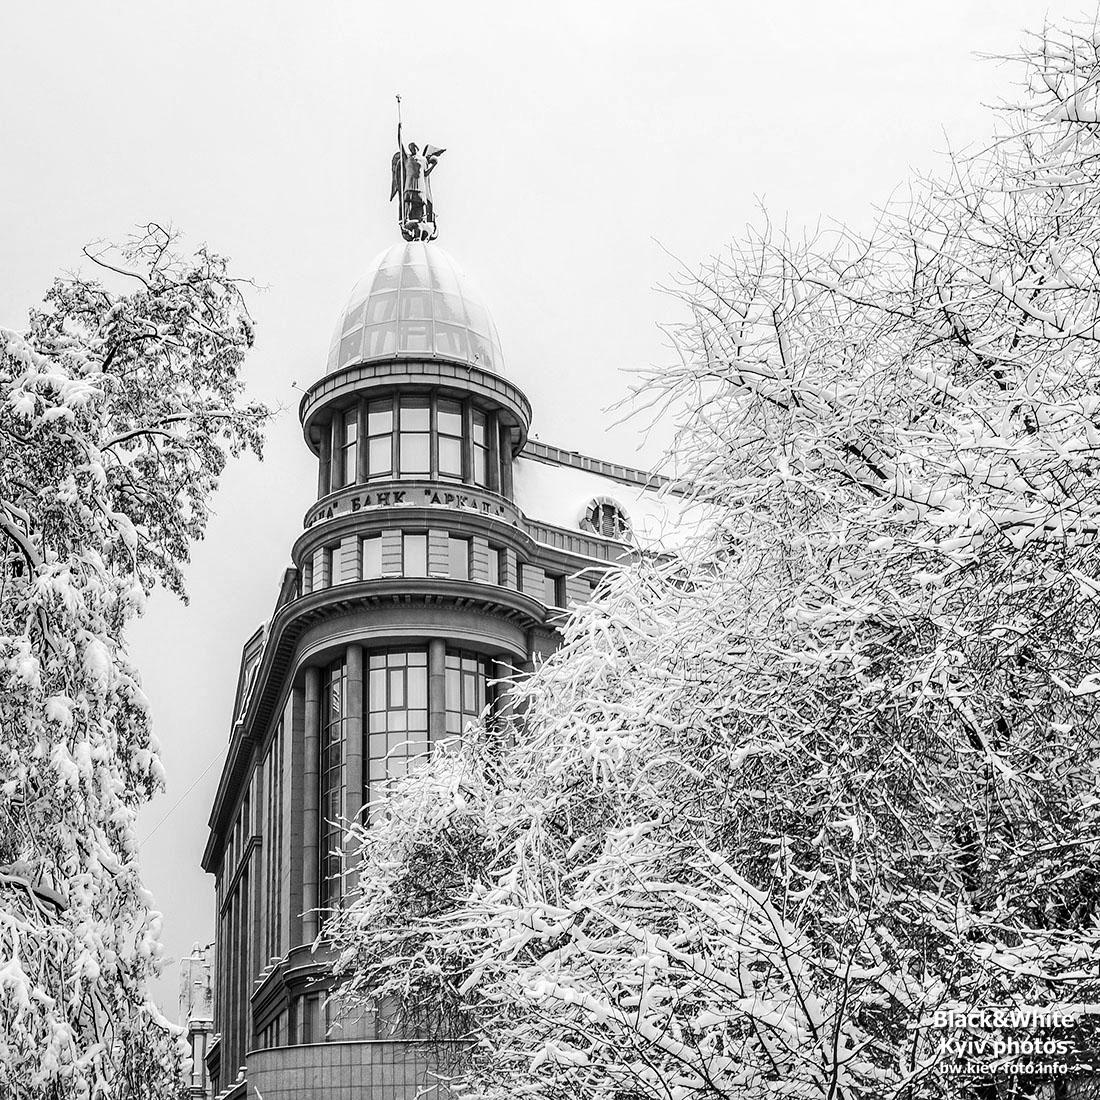 Прогулка по зимней Институтской